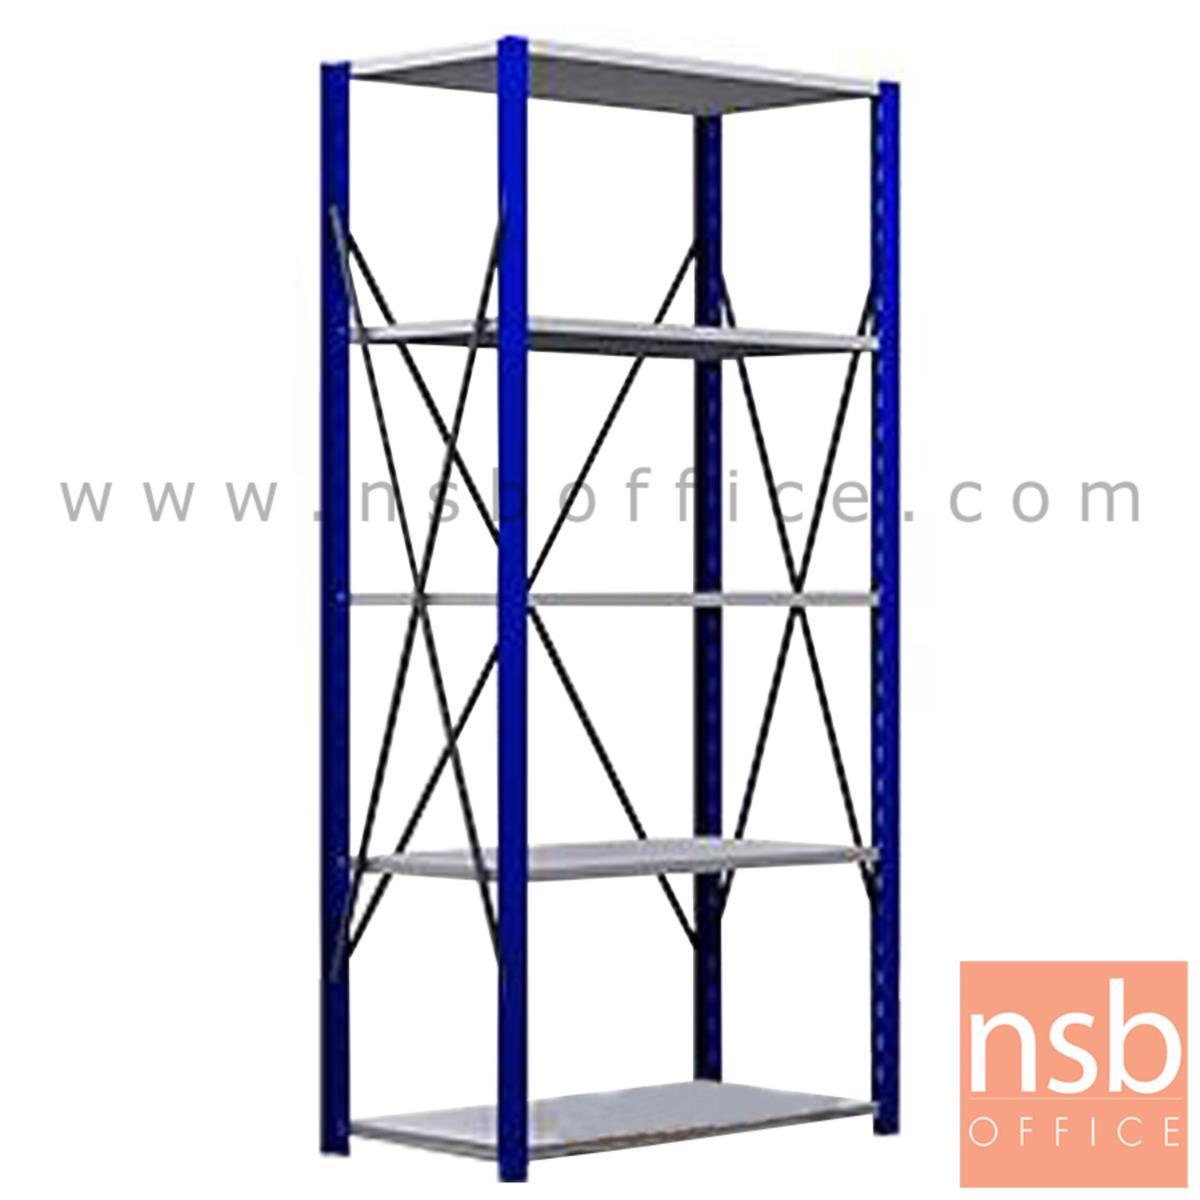 D03A010:ชั้นเหล็ก MR ขนาด 100W*50D (180H - 240H) cm. ชั้นปรับระดับได้ รับน้ำหนัก 150-200 KG/ชั้น